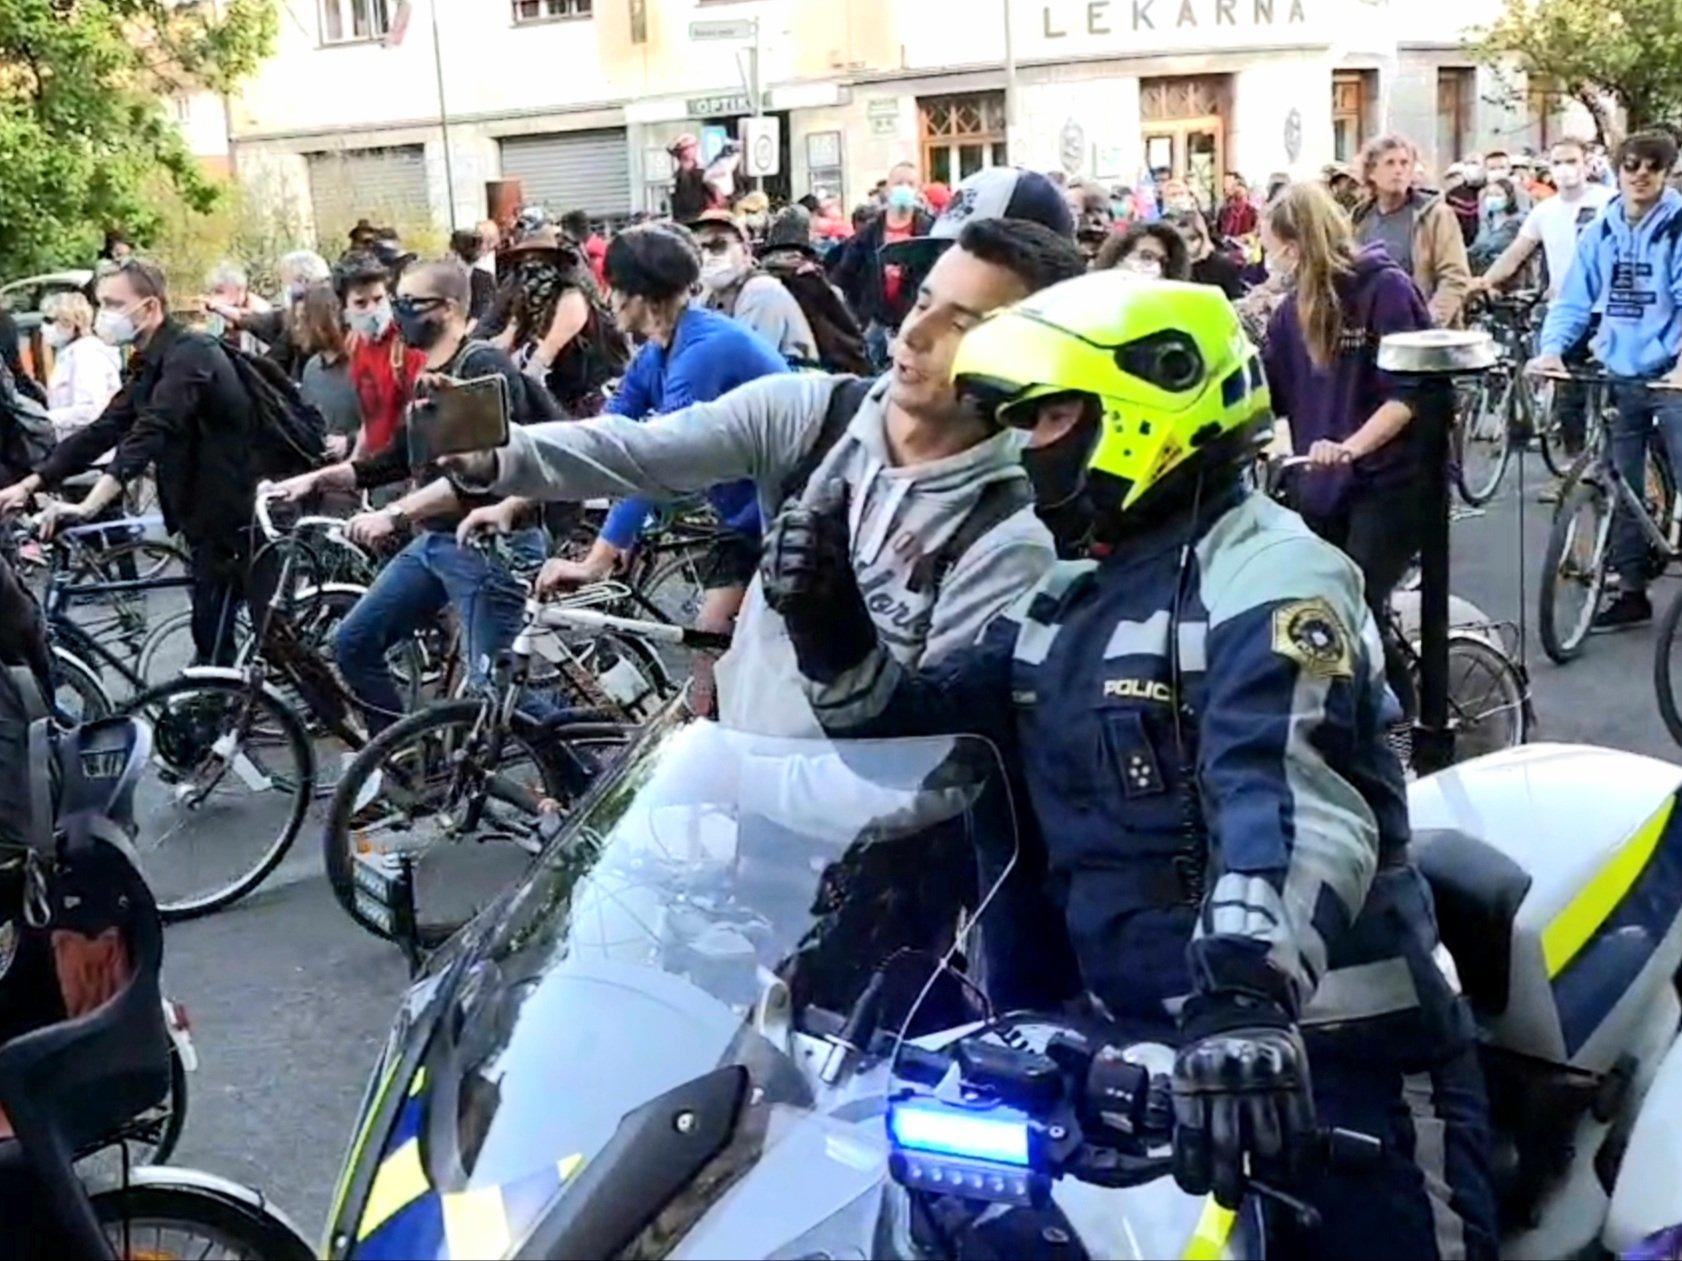 Σλοβενία: Διαιρεμένη η κοινή γνώμη στη Σλοβενία με τη φωτογραφία διαδηλωτή μαζί με αστυνομικό